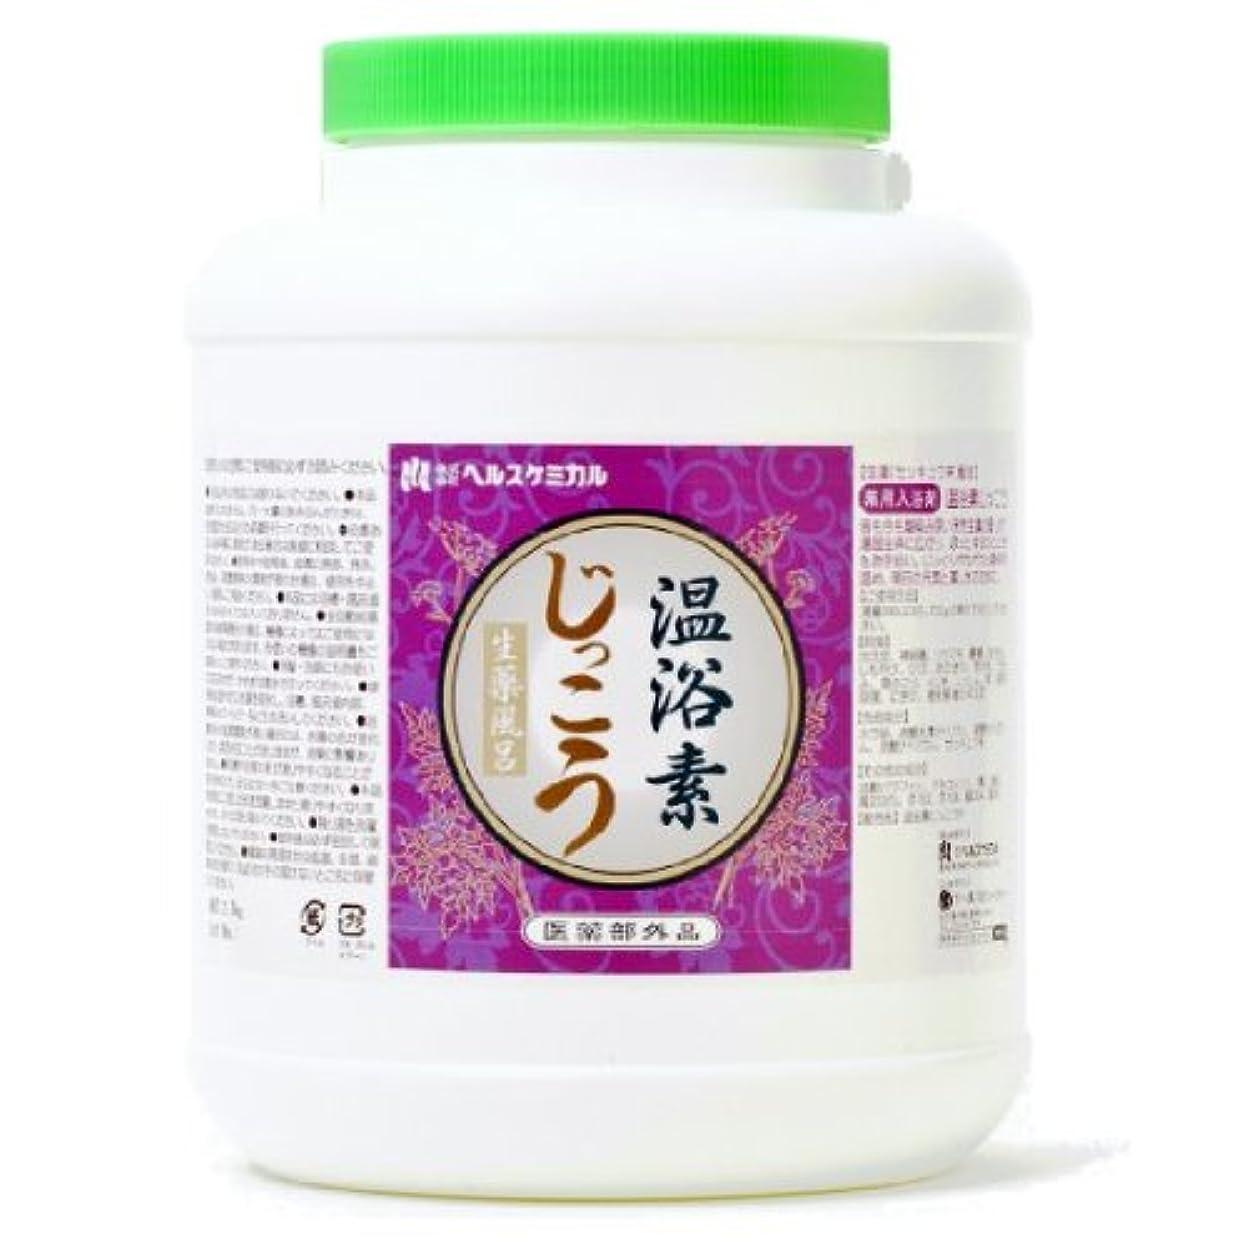 カニ該当する預言者温浴素 じっこう 2.5kg 約125回分 粉末 生薬 薬湯 医薬部外品 ロングセラー 天然生薬 の 香り